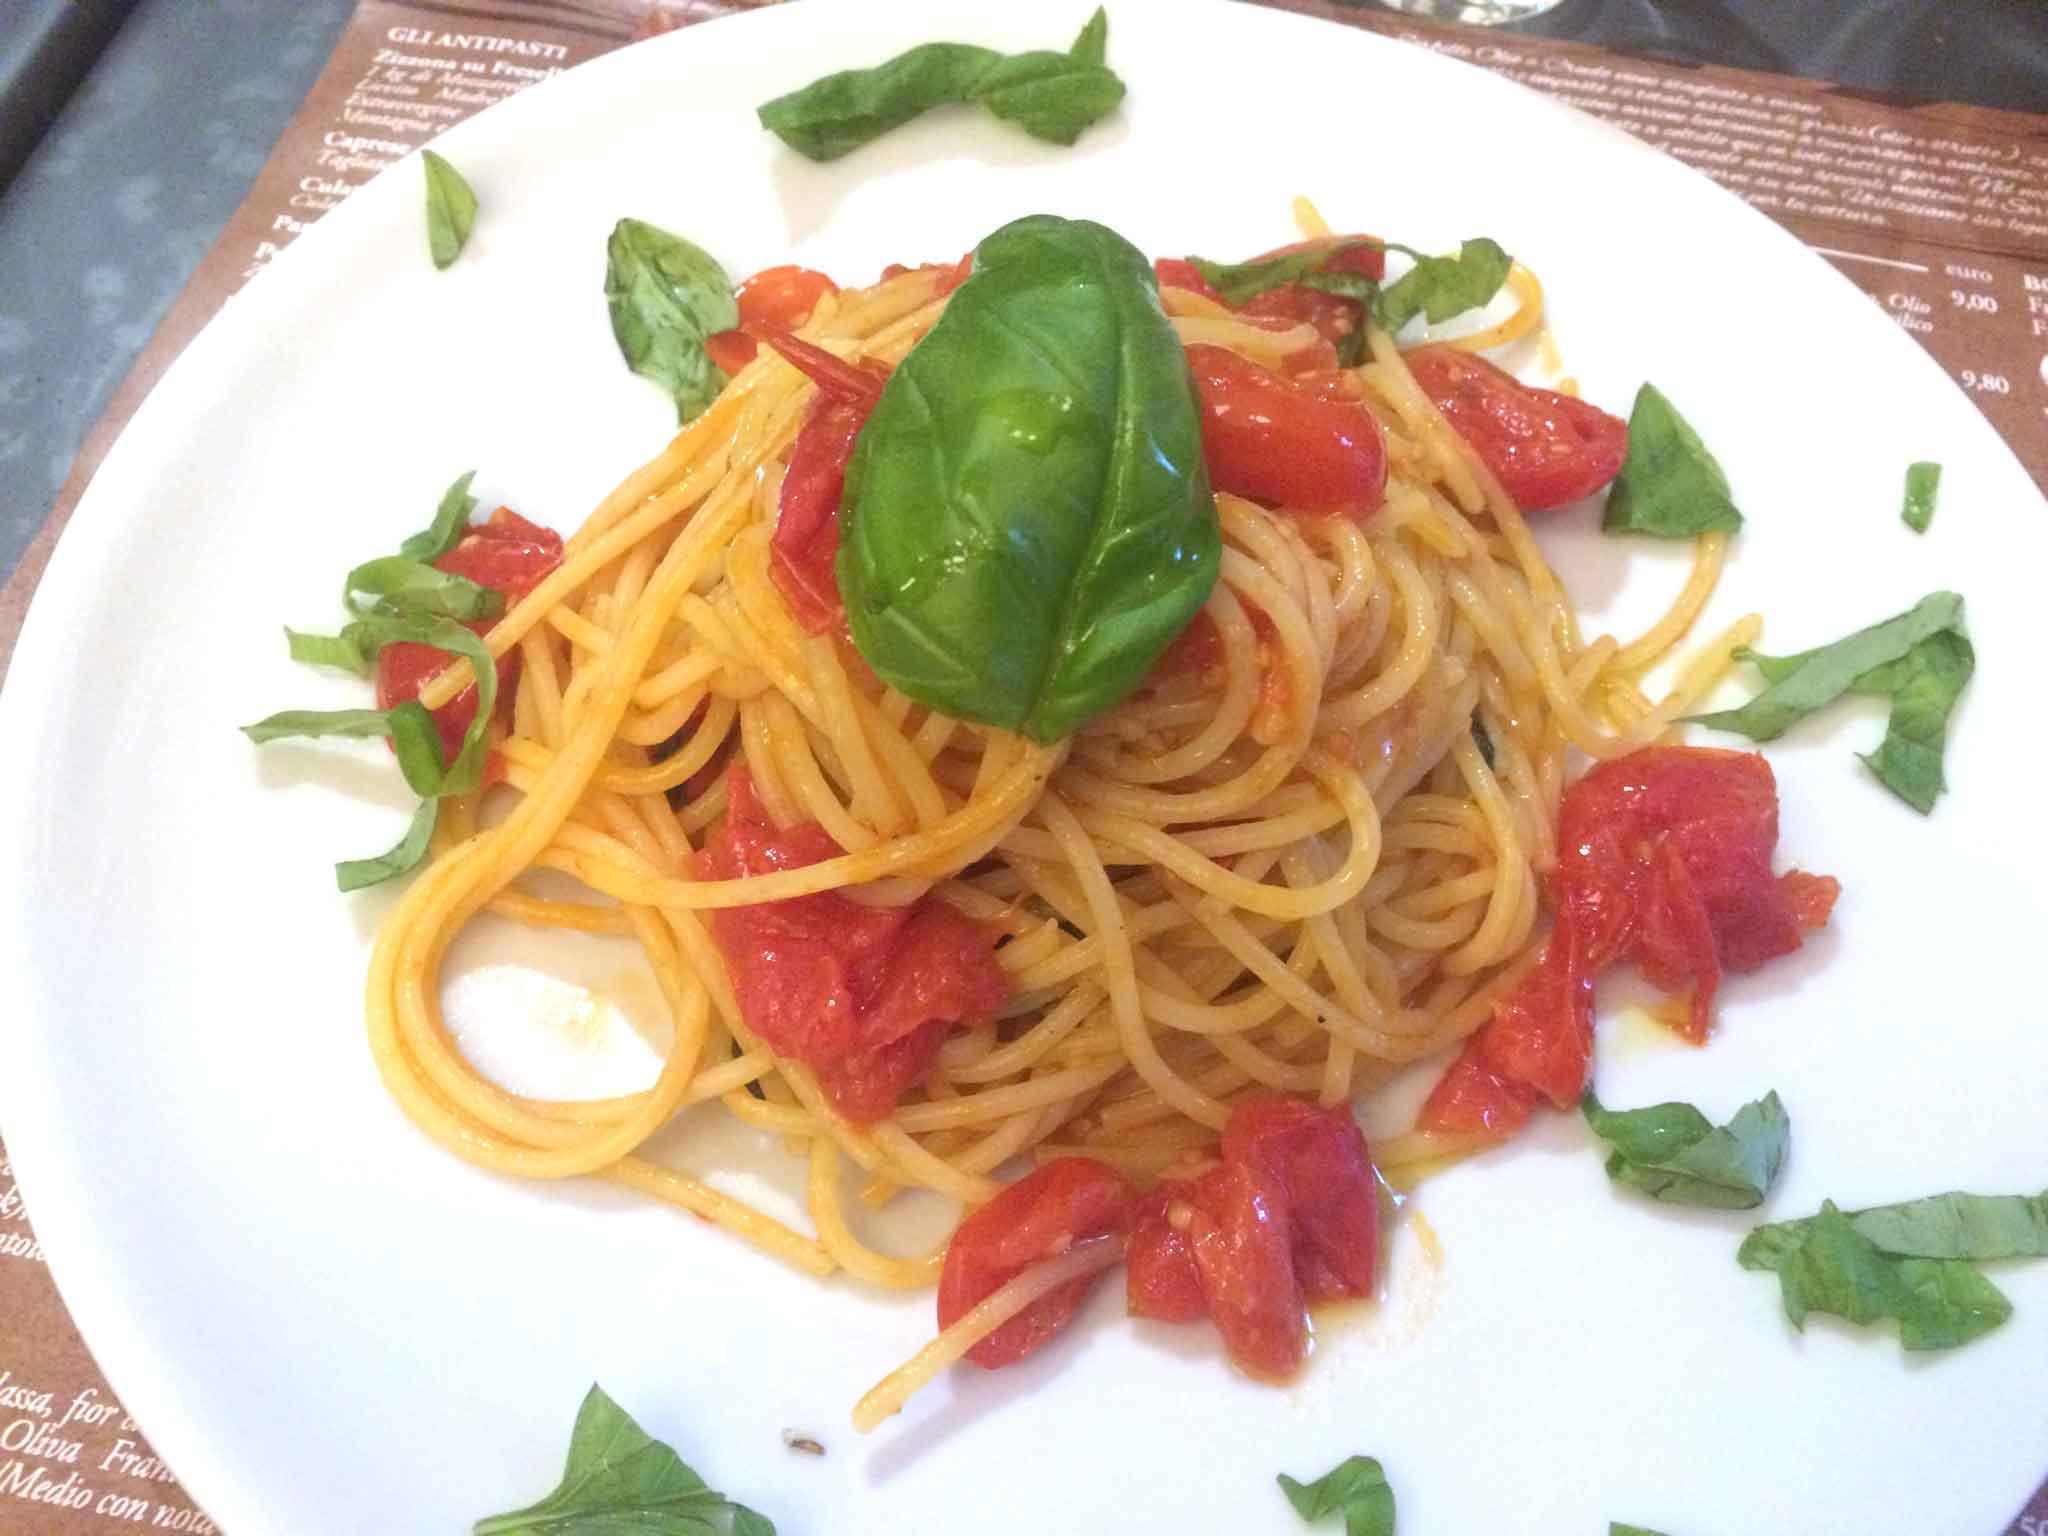 sorbillo-olio-a-crudo-spaghetti-pomodoro-felicetti